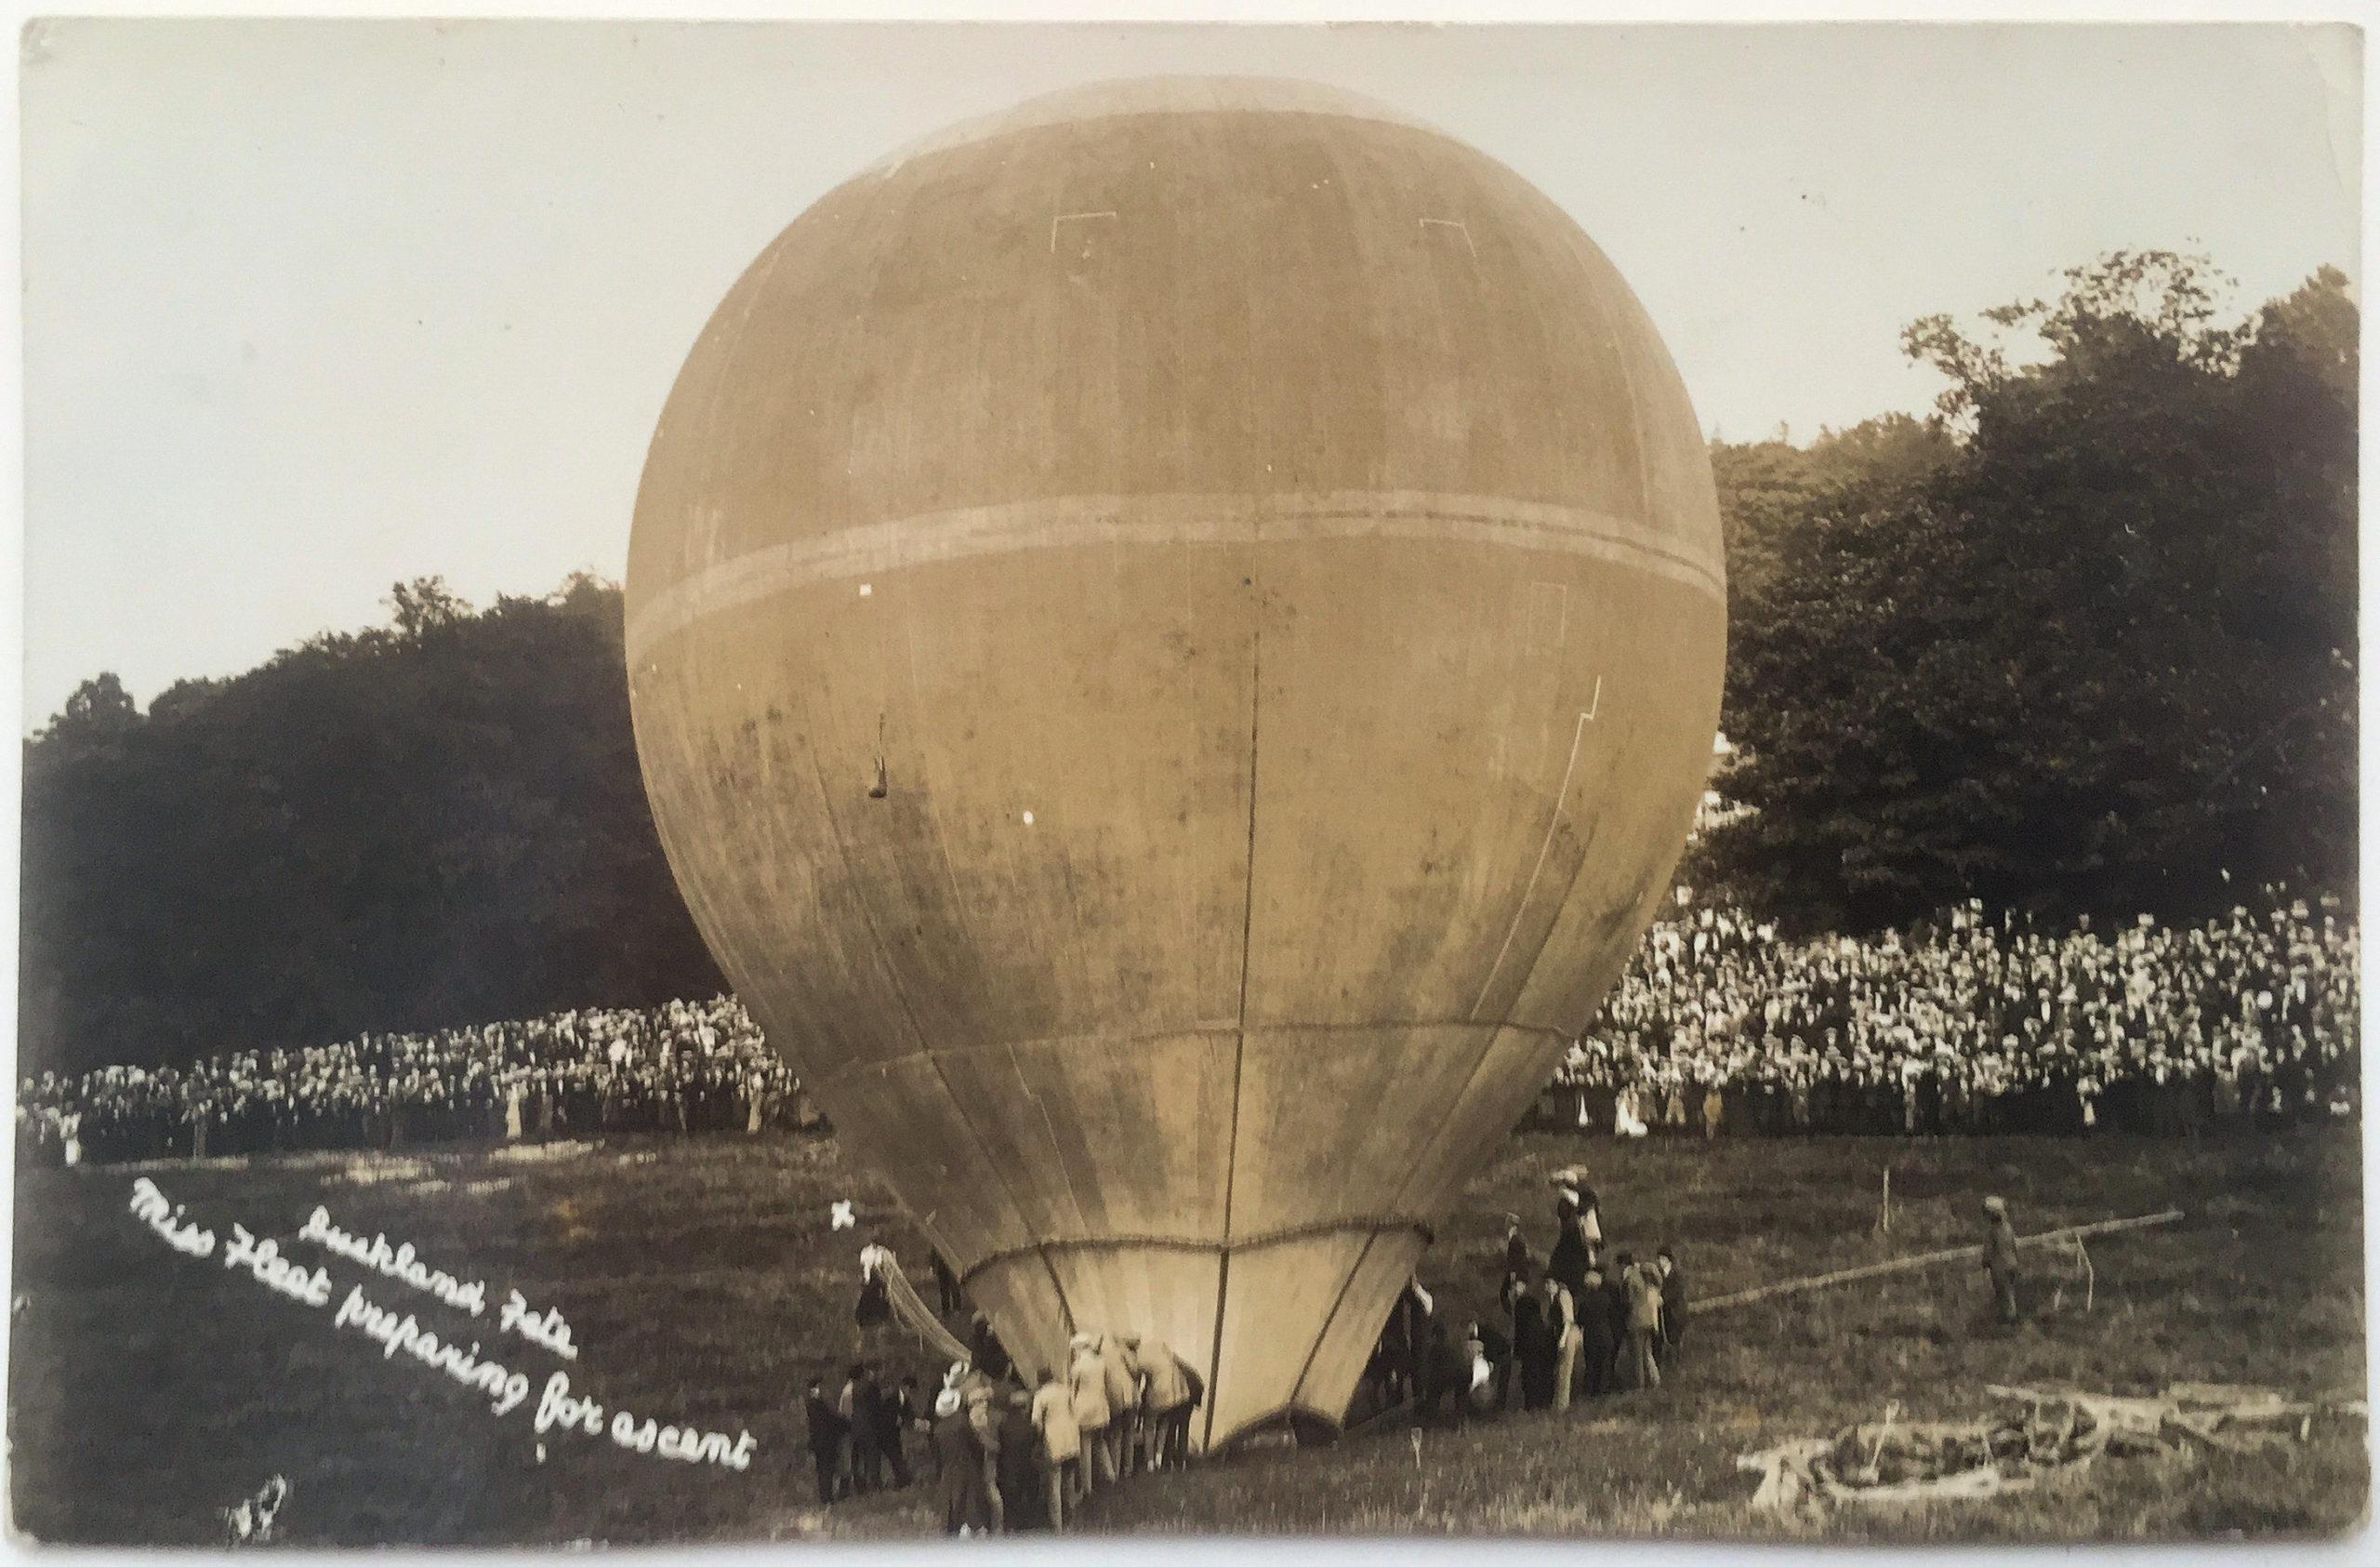 Buckland fete balloon